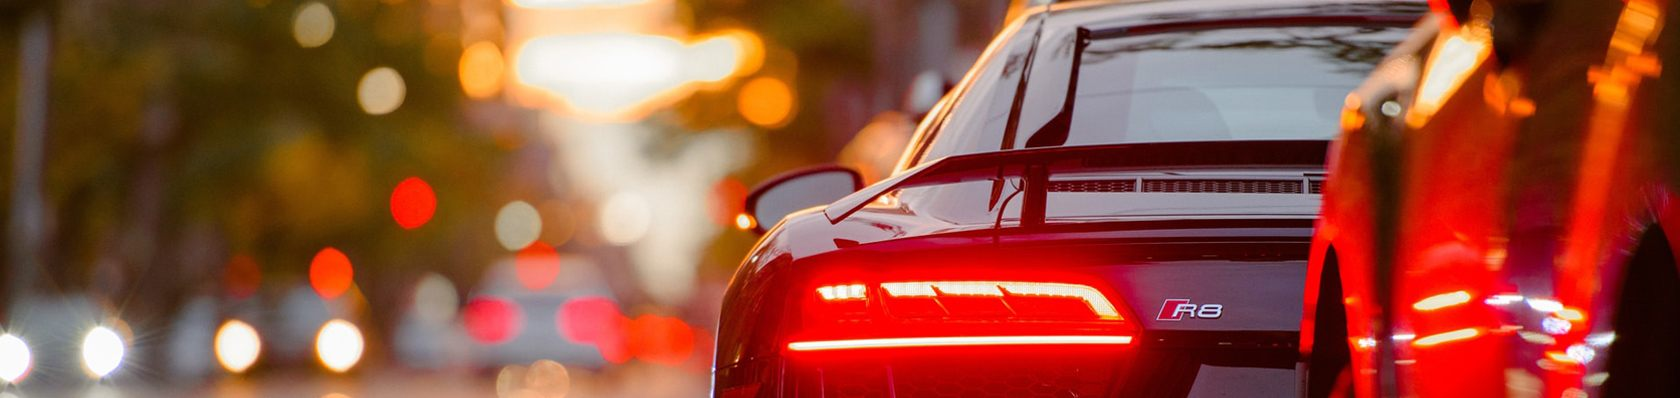 Produkte aus der Kategorie Automotivo im Test auf ExpertenTesten.de